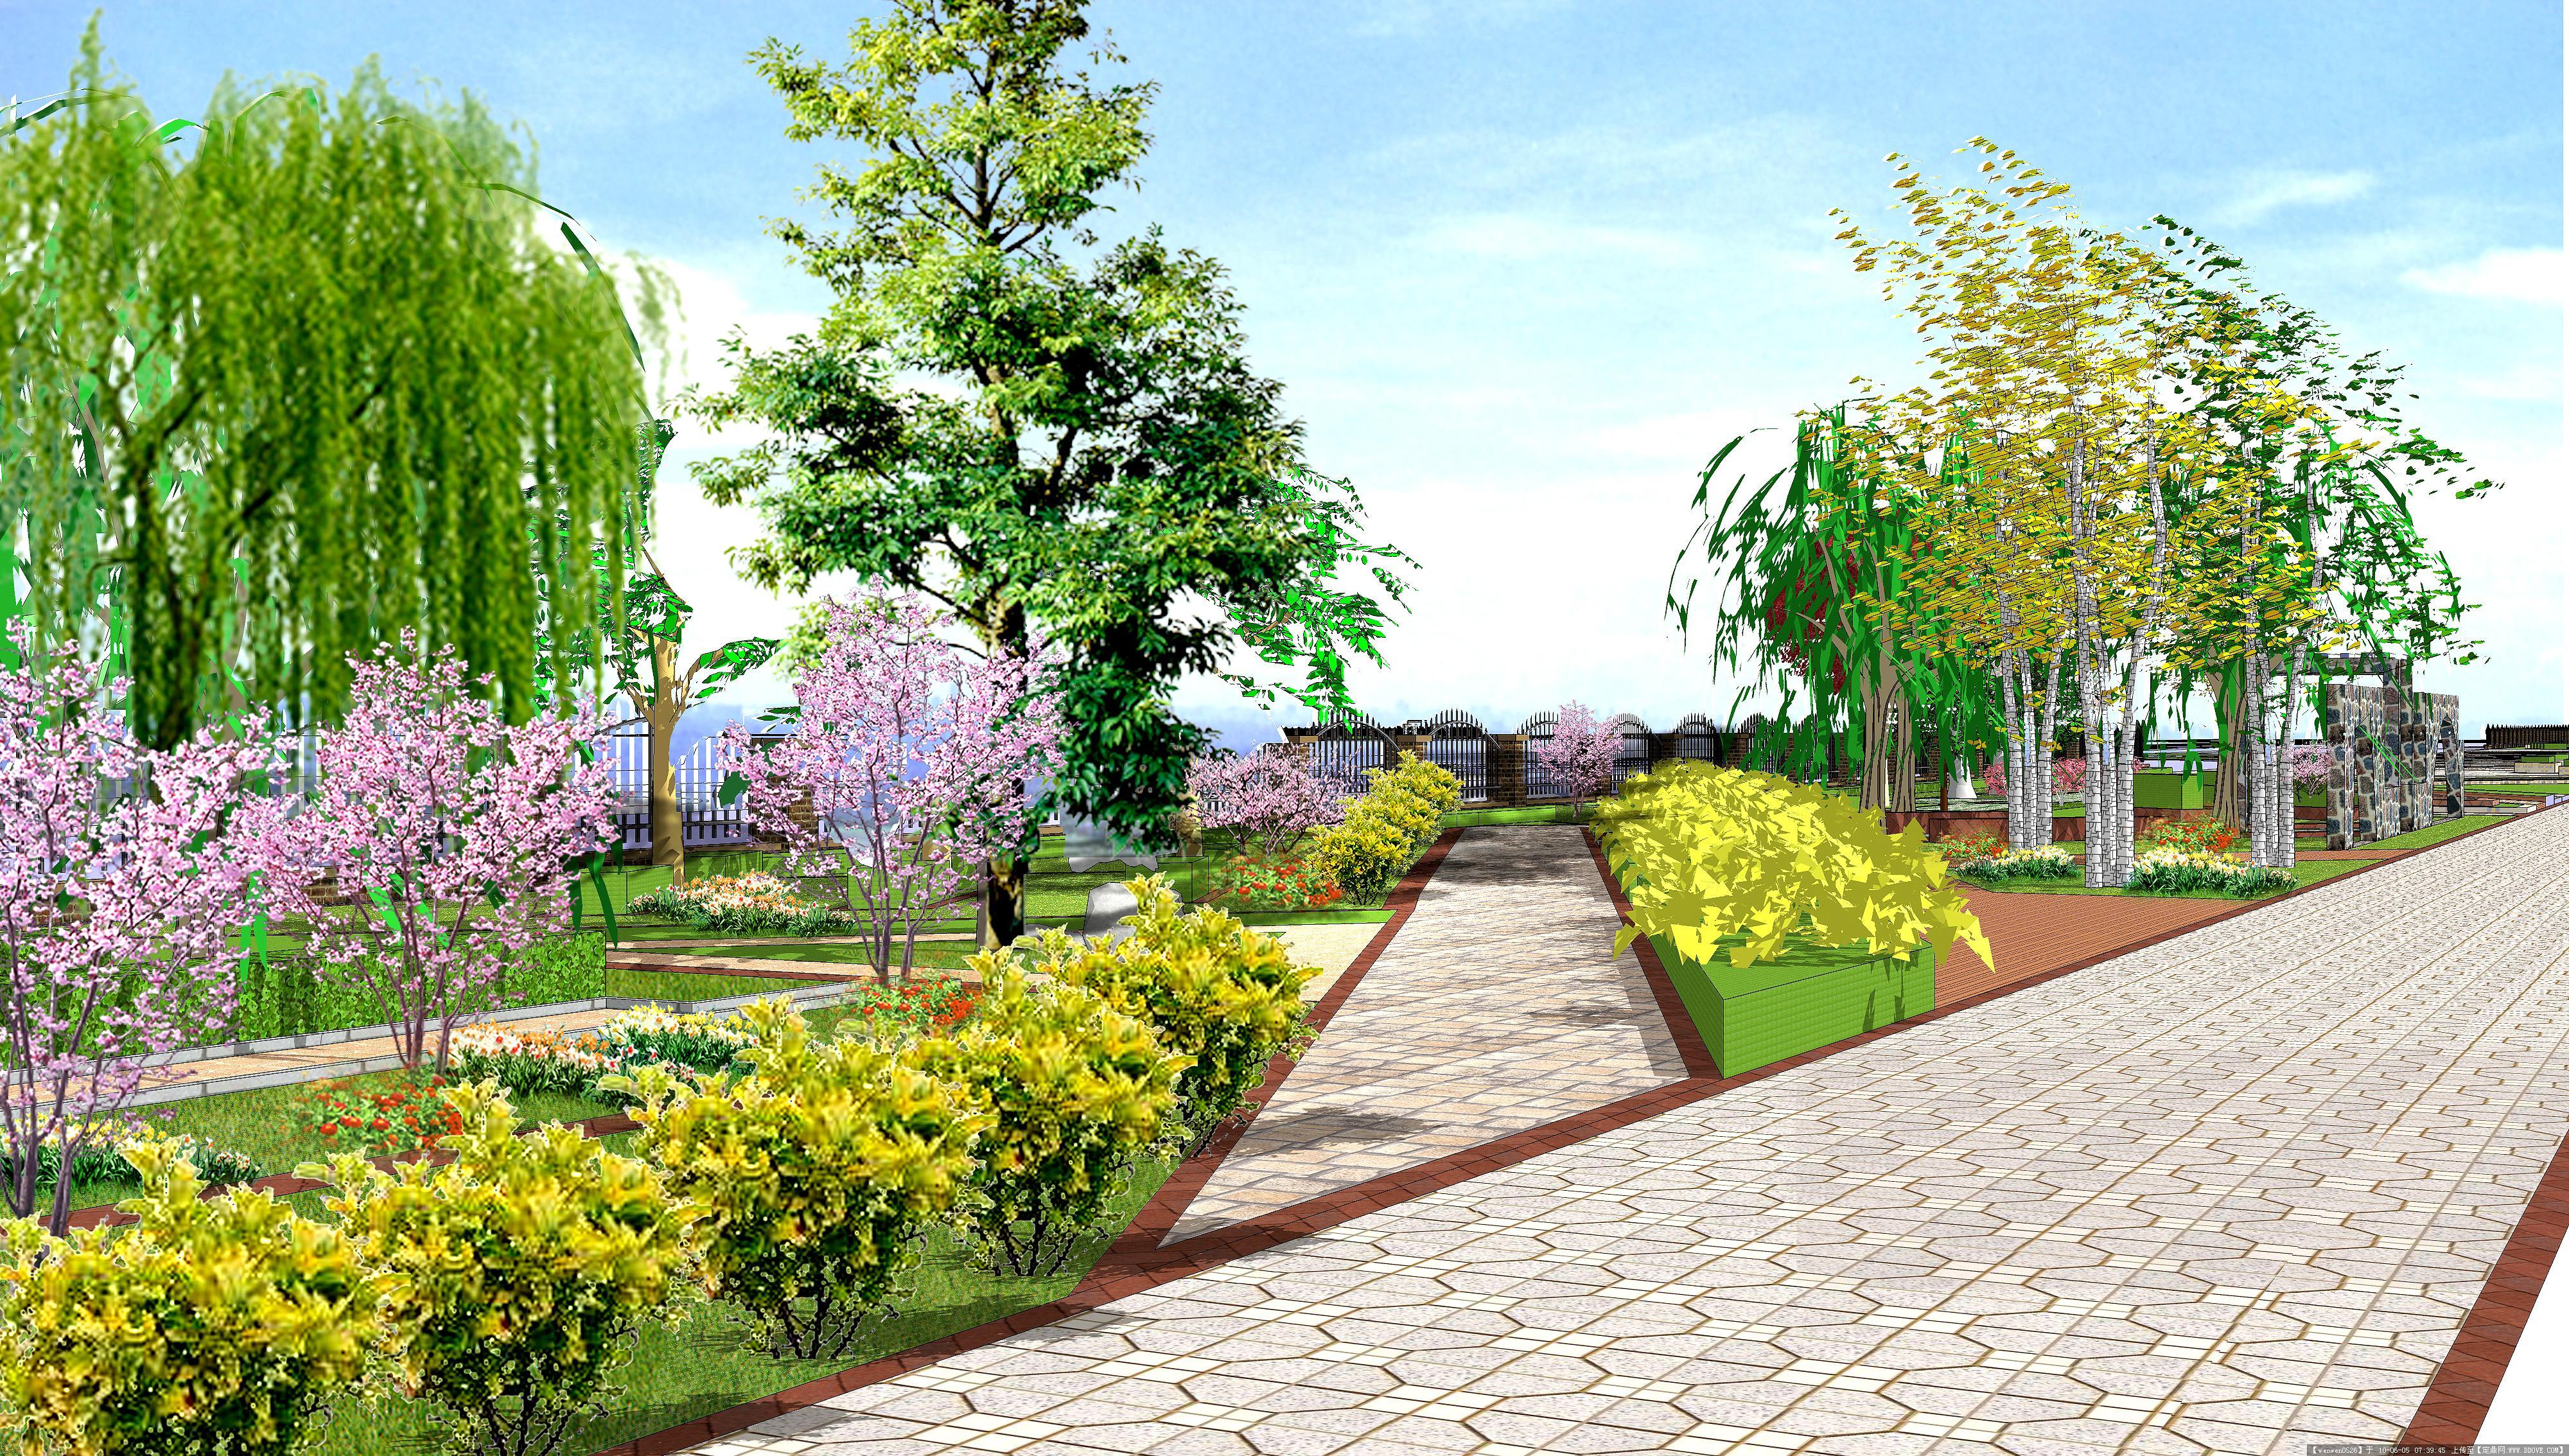 道路景观效果图#的图片浏览,园林效 果图,道路景观,_.